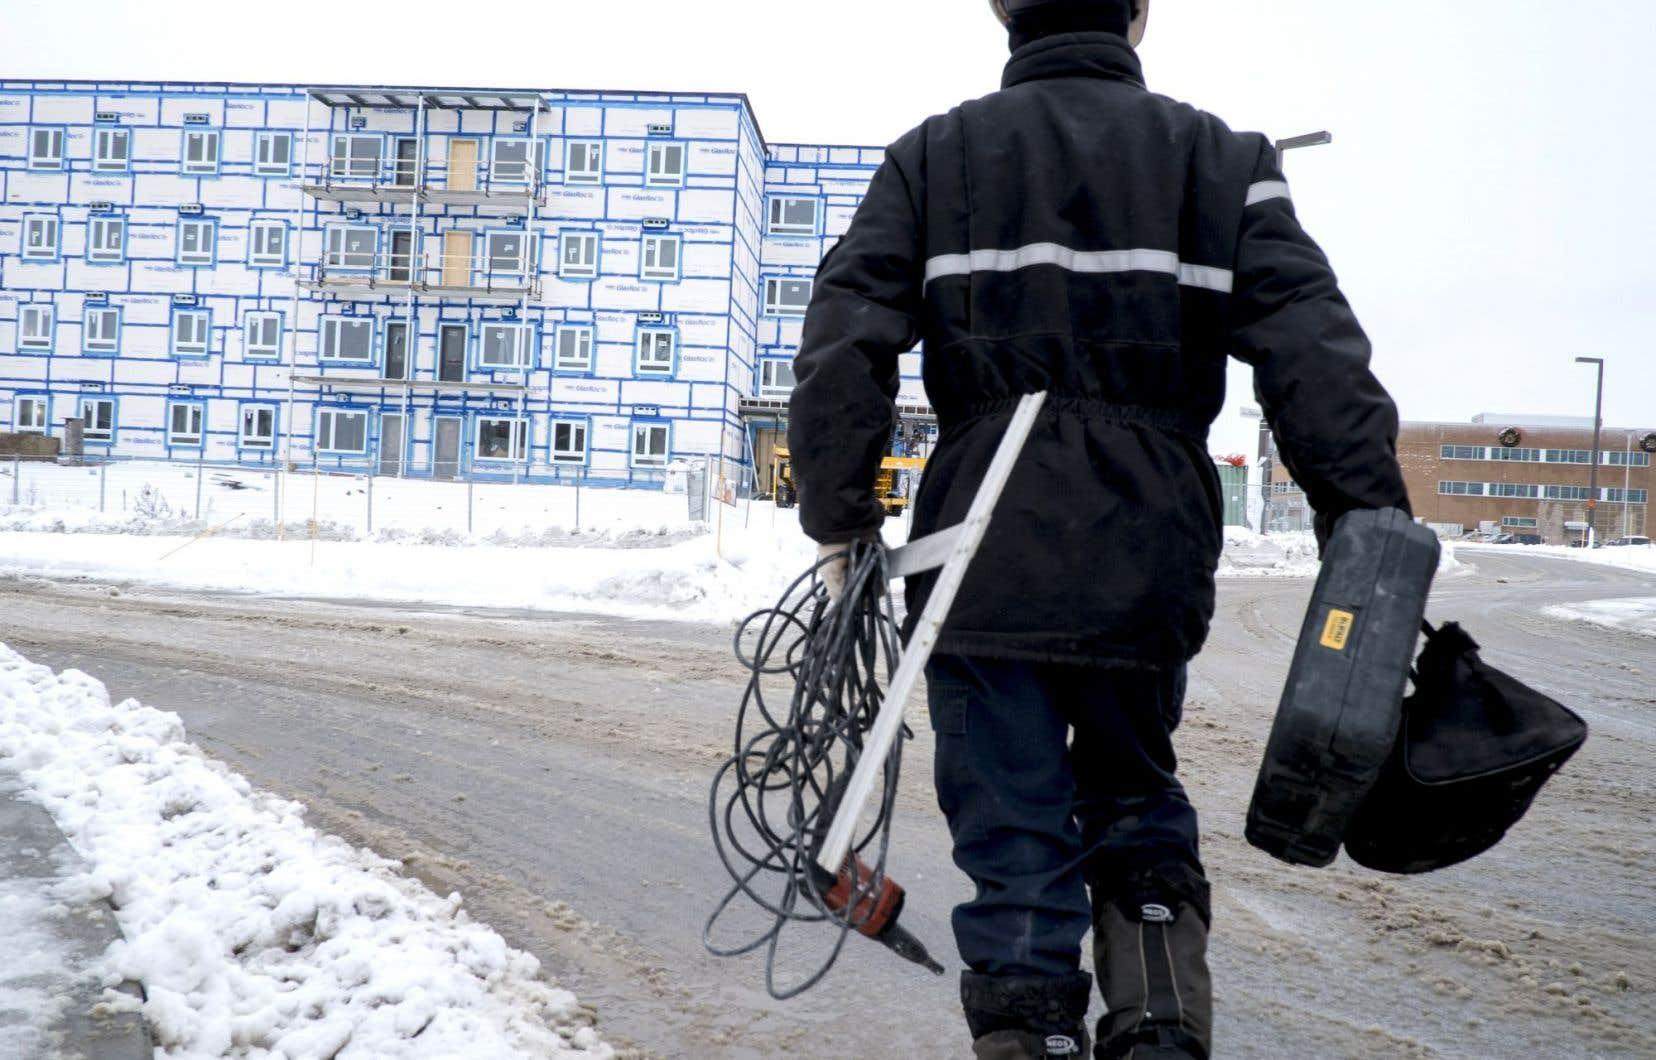 Le chantier du Domaine des Méandres, à Québec, en 2012. AccèsLogis finance la construction des logements sociaux qui sont ensuite gérés par des organismes à but non lucratif ou des coopératives.